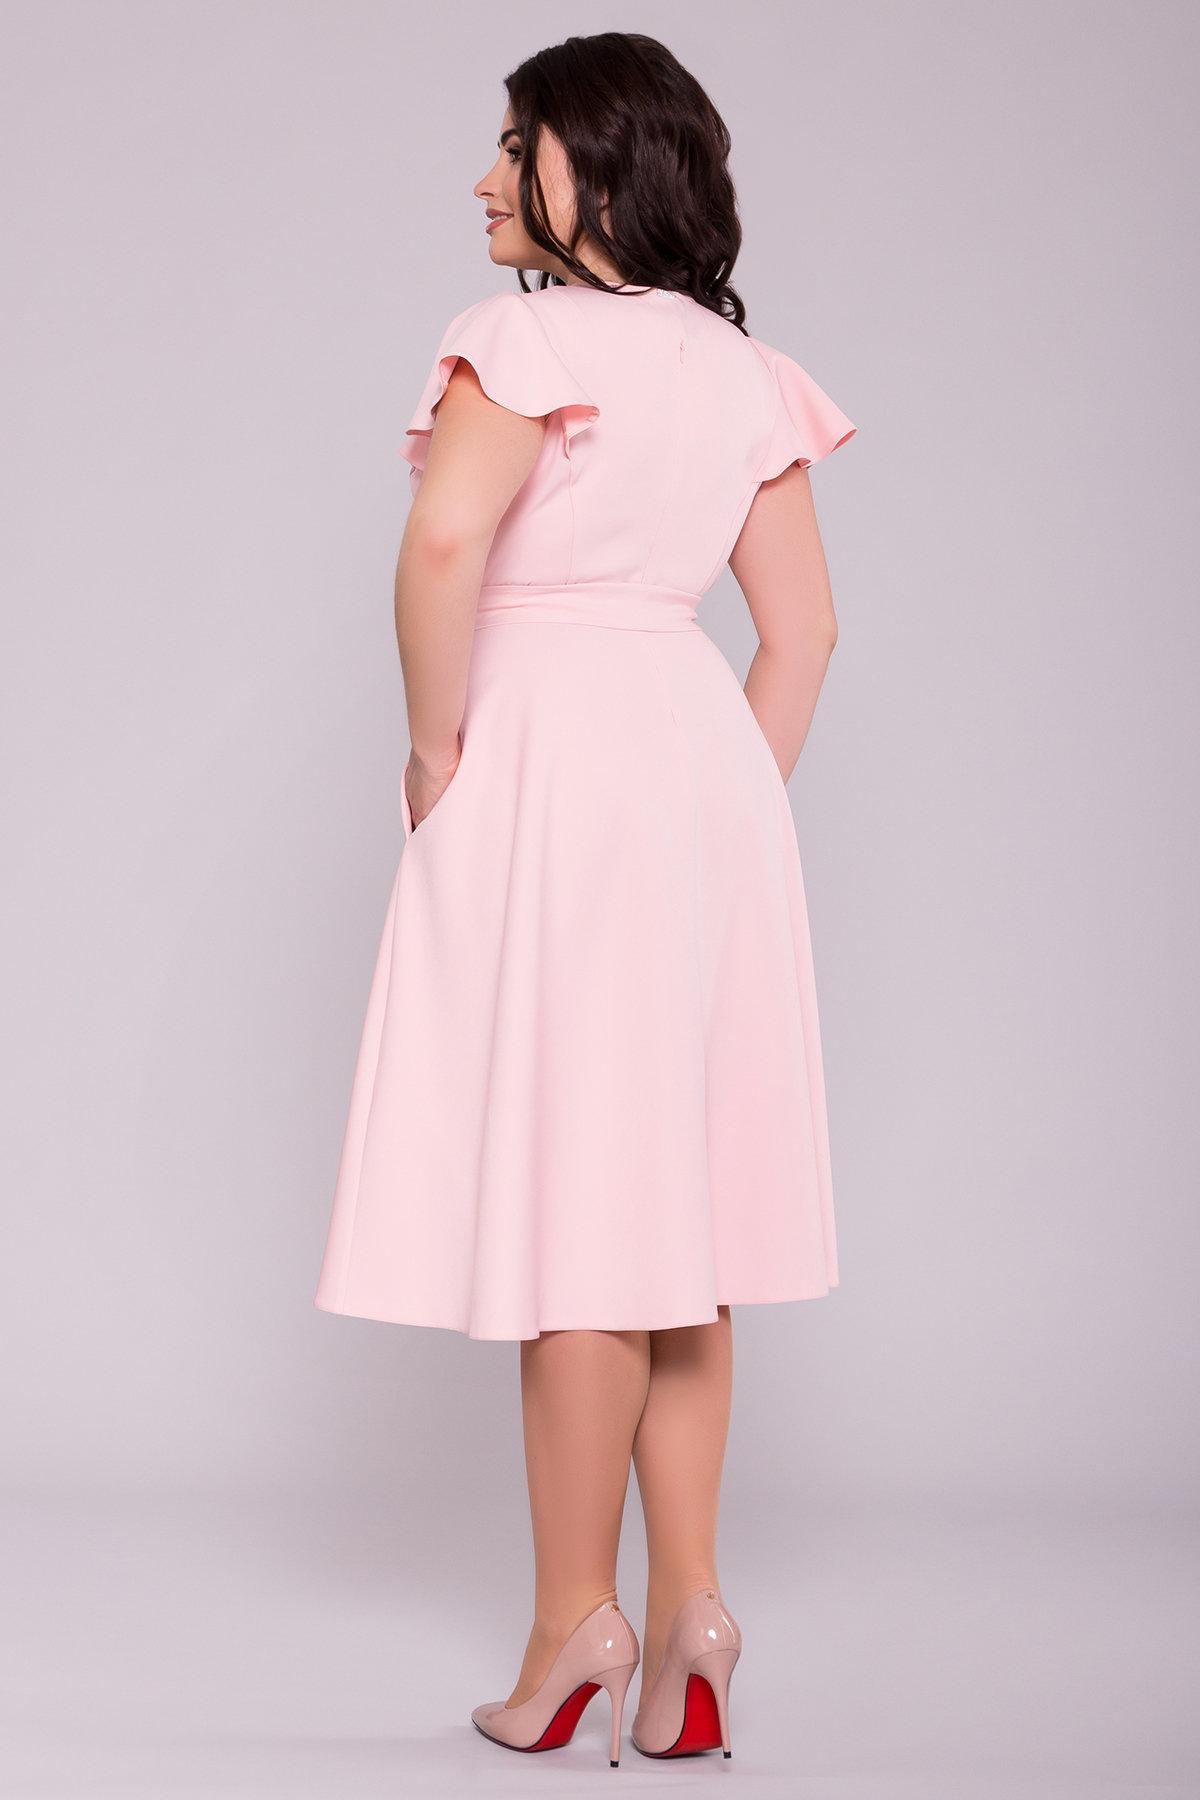 Платье Мидея миди DONNA 6831 Цвет: Пудра 6